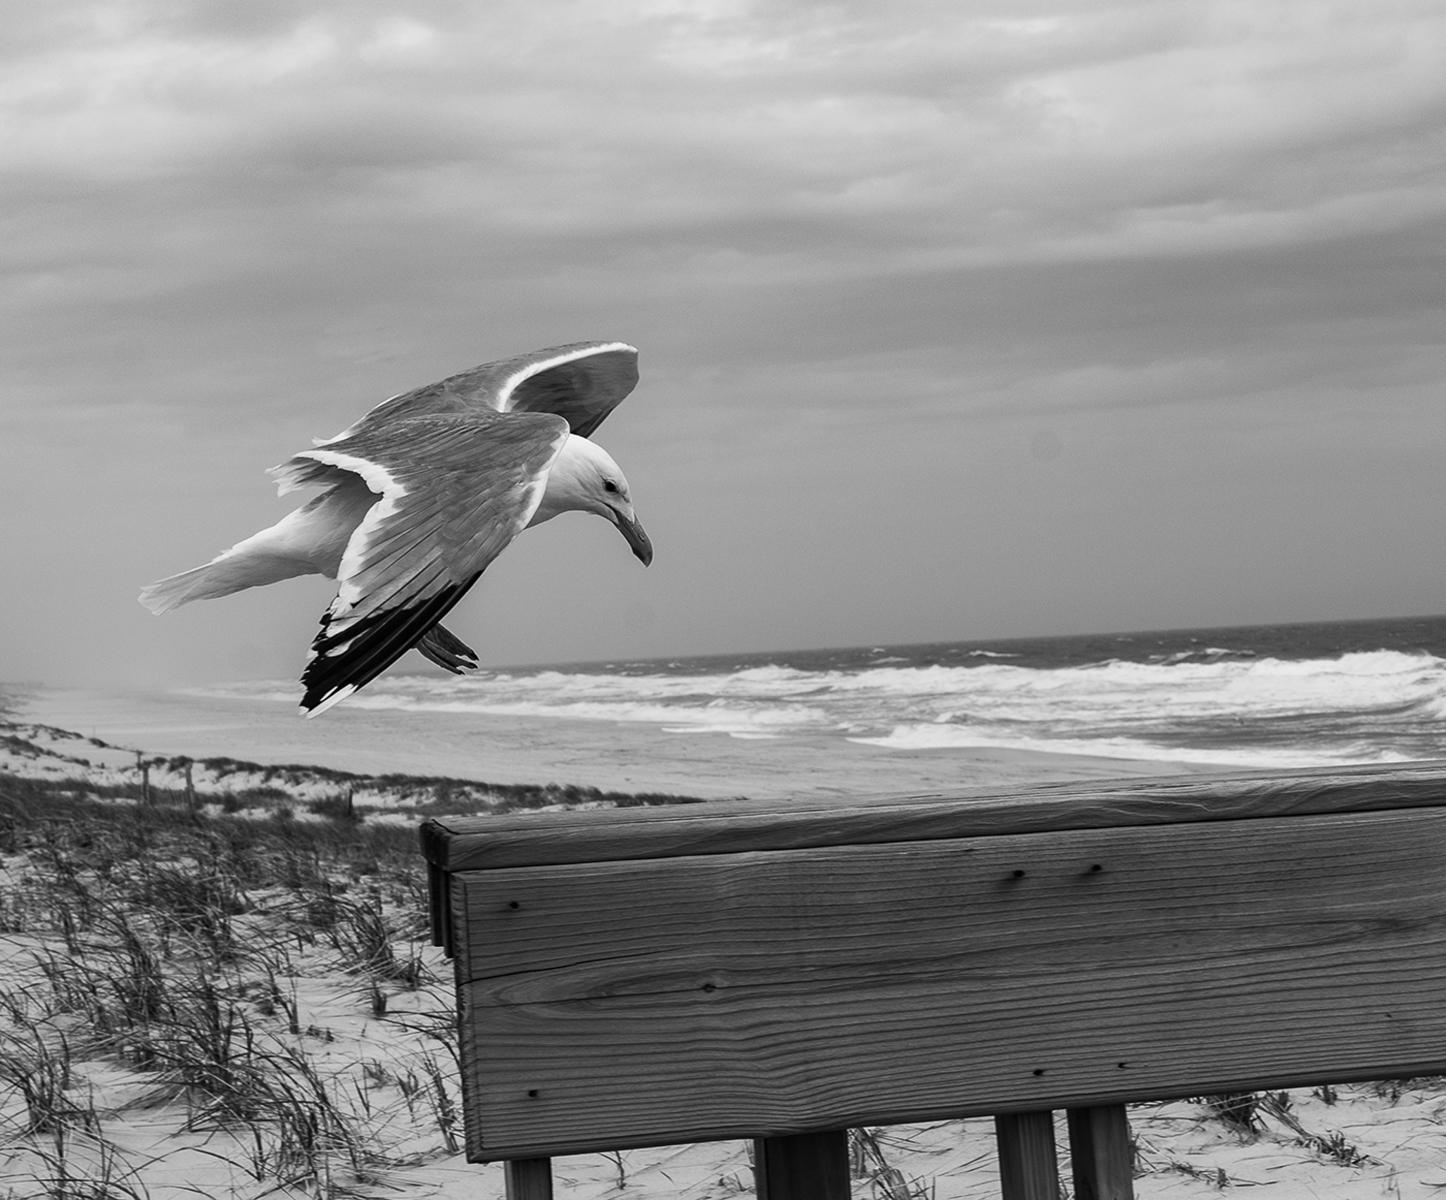 seagull-landing-1